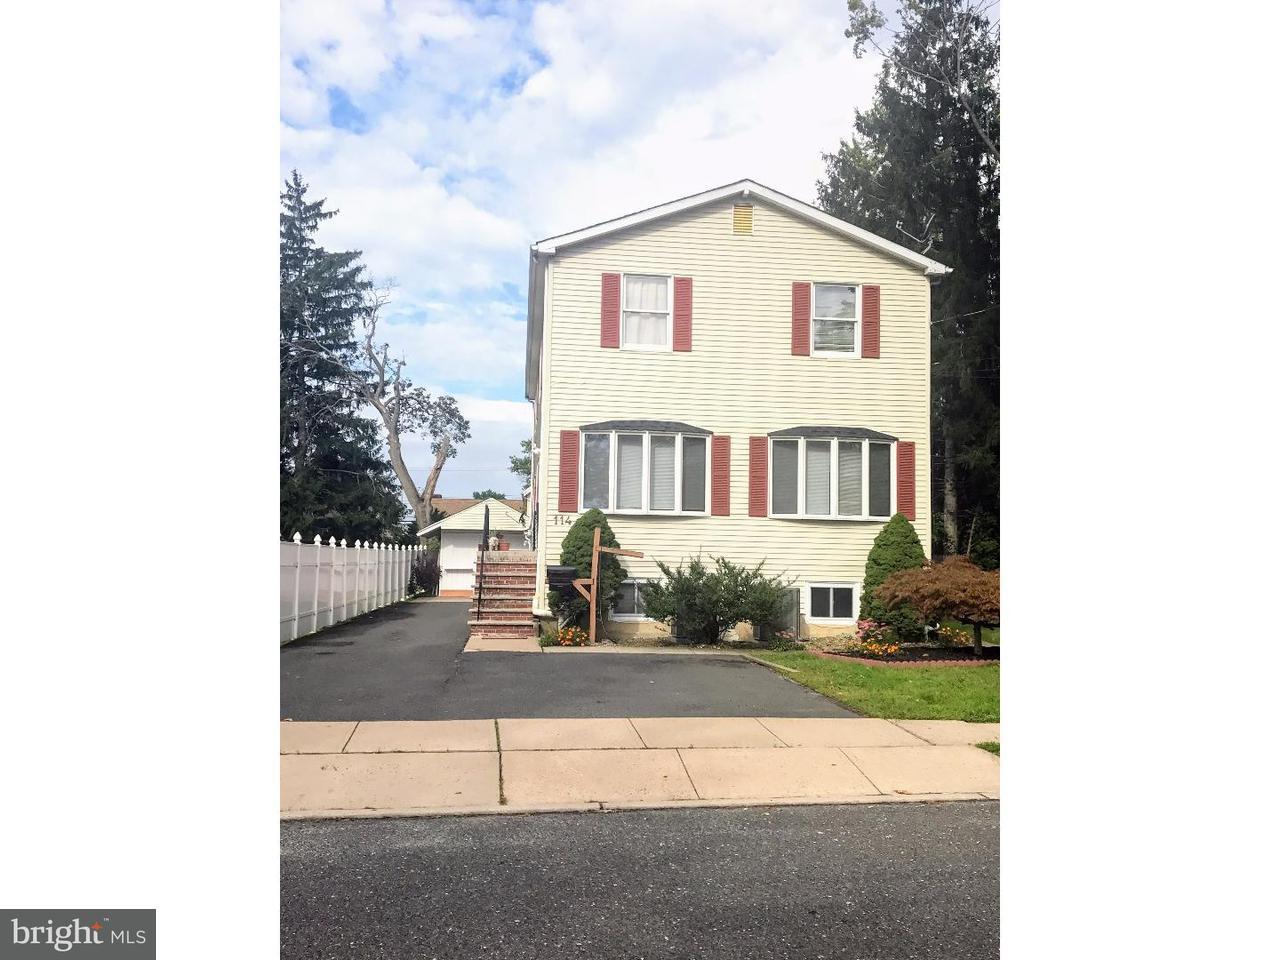 Частный односемейный дом для того Продажа на 114 MANLOVE Avenue Hightstown, Нью-Джерси 08520 Соединенные ШтатыВ/Около: Hightstown Borough